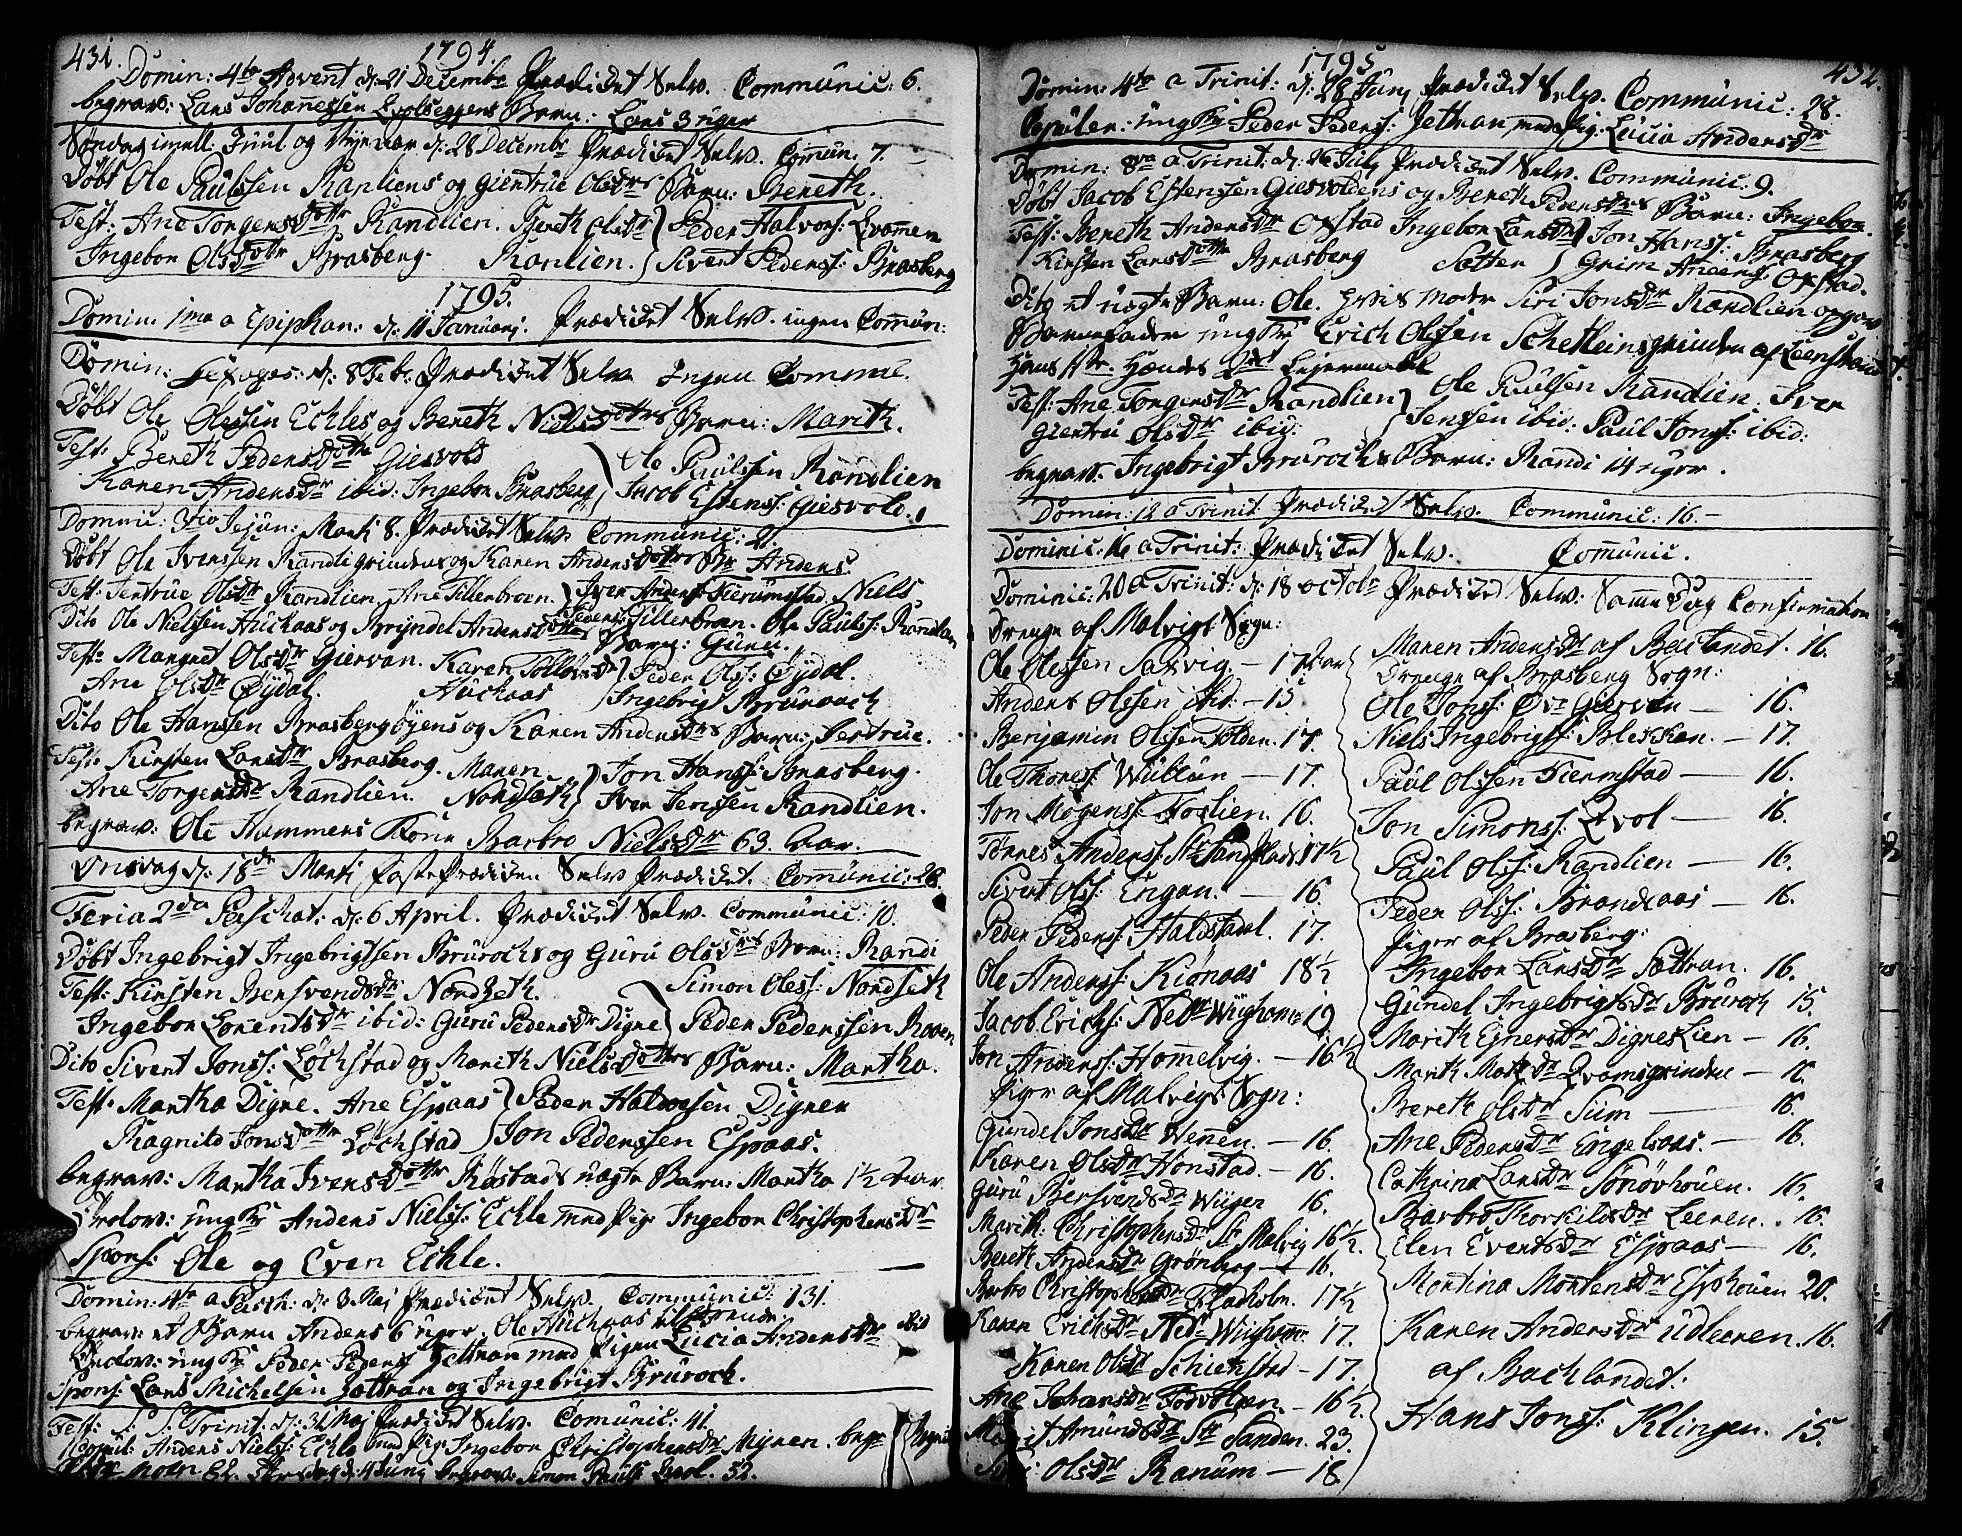 SAT, Ministerialprotokoller, klokkerbøker og fødselsregistre - Sør-Trøndelag, 606/L0282: Ministerialbok nr. 606A02 /3, 1781-1817, s. 431-432